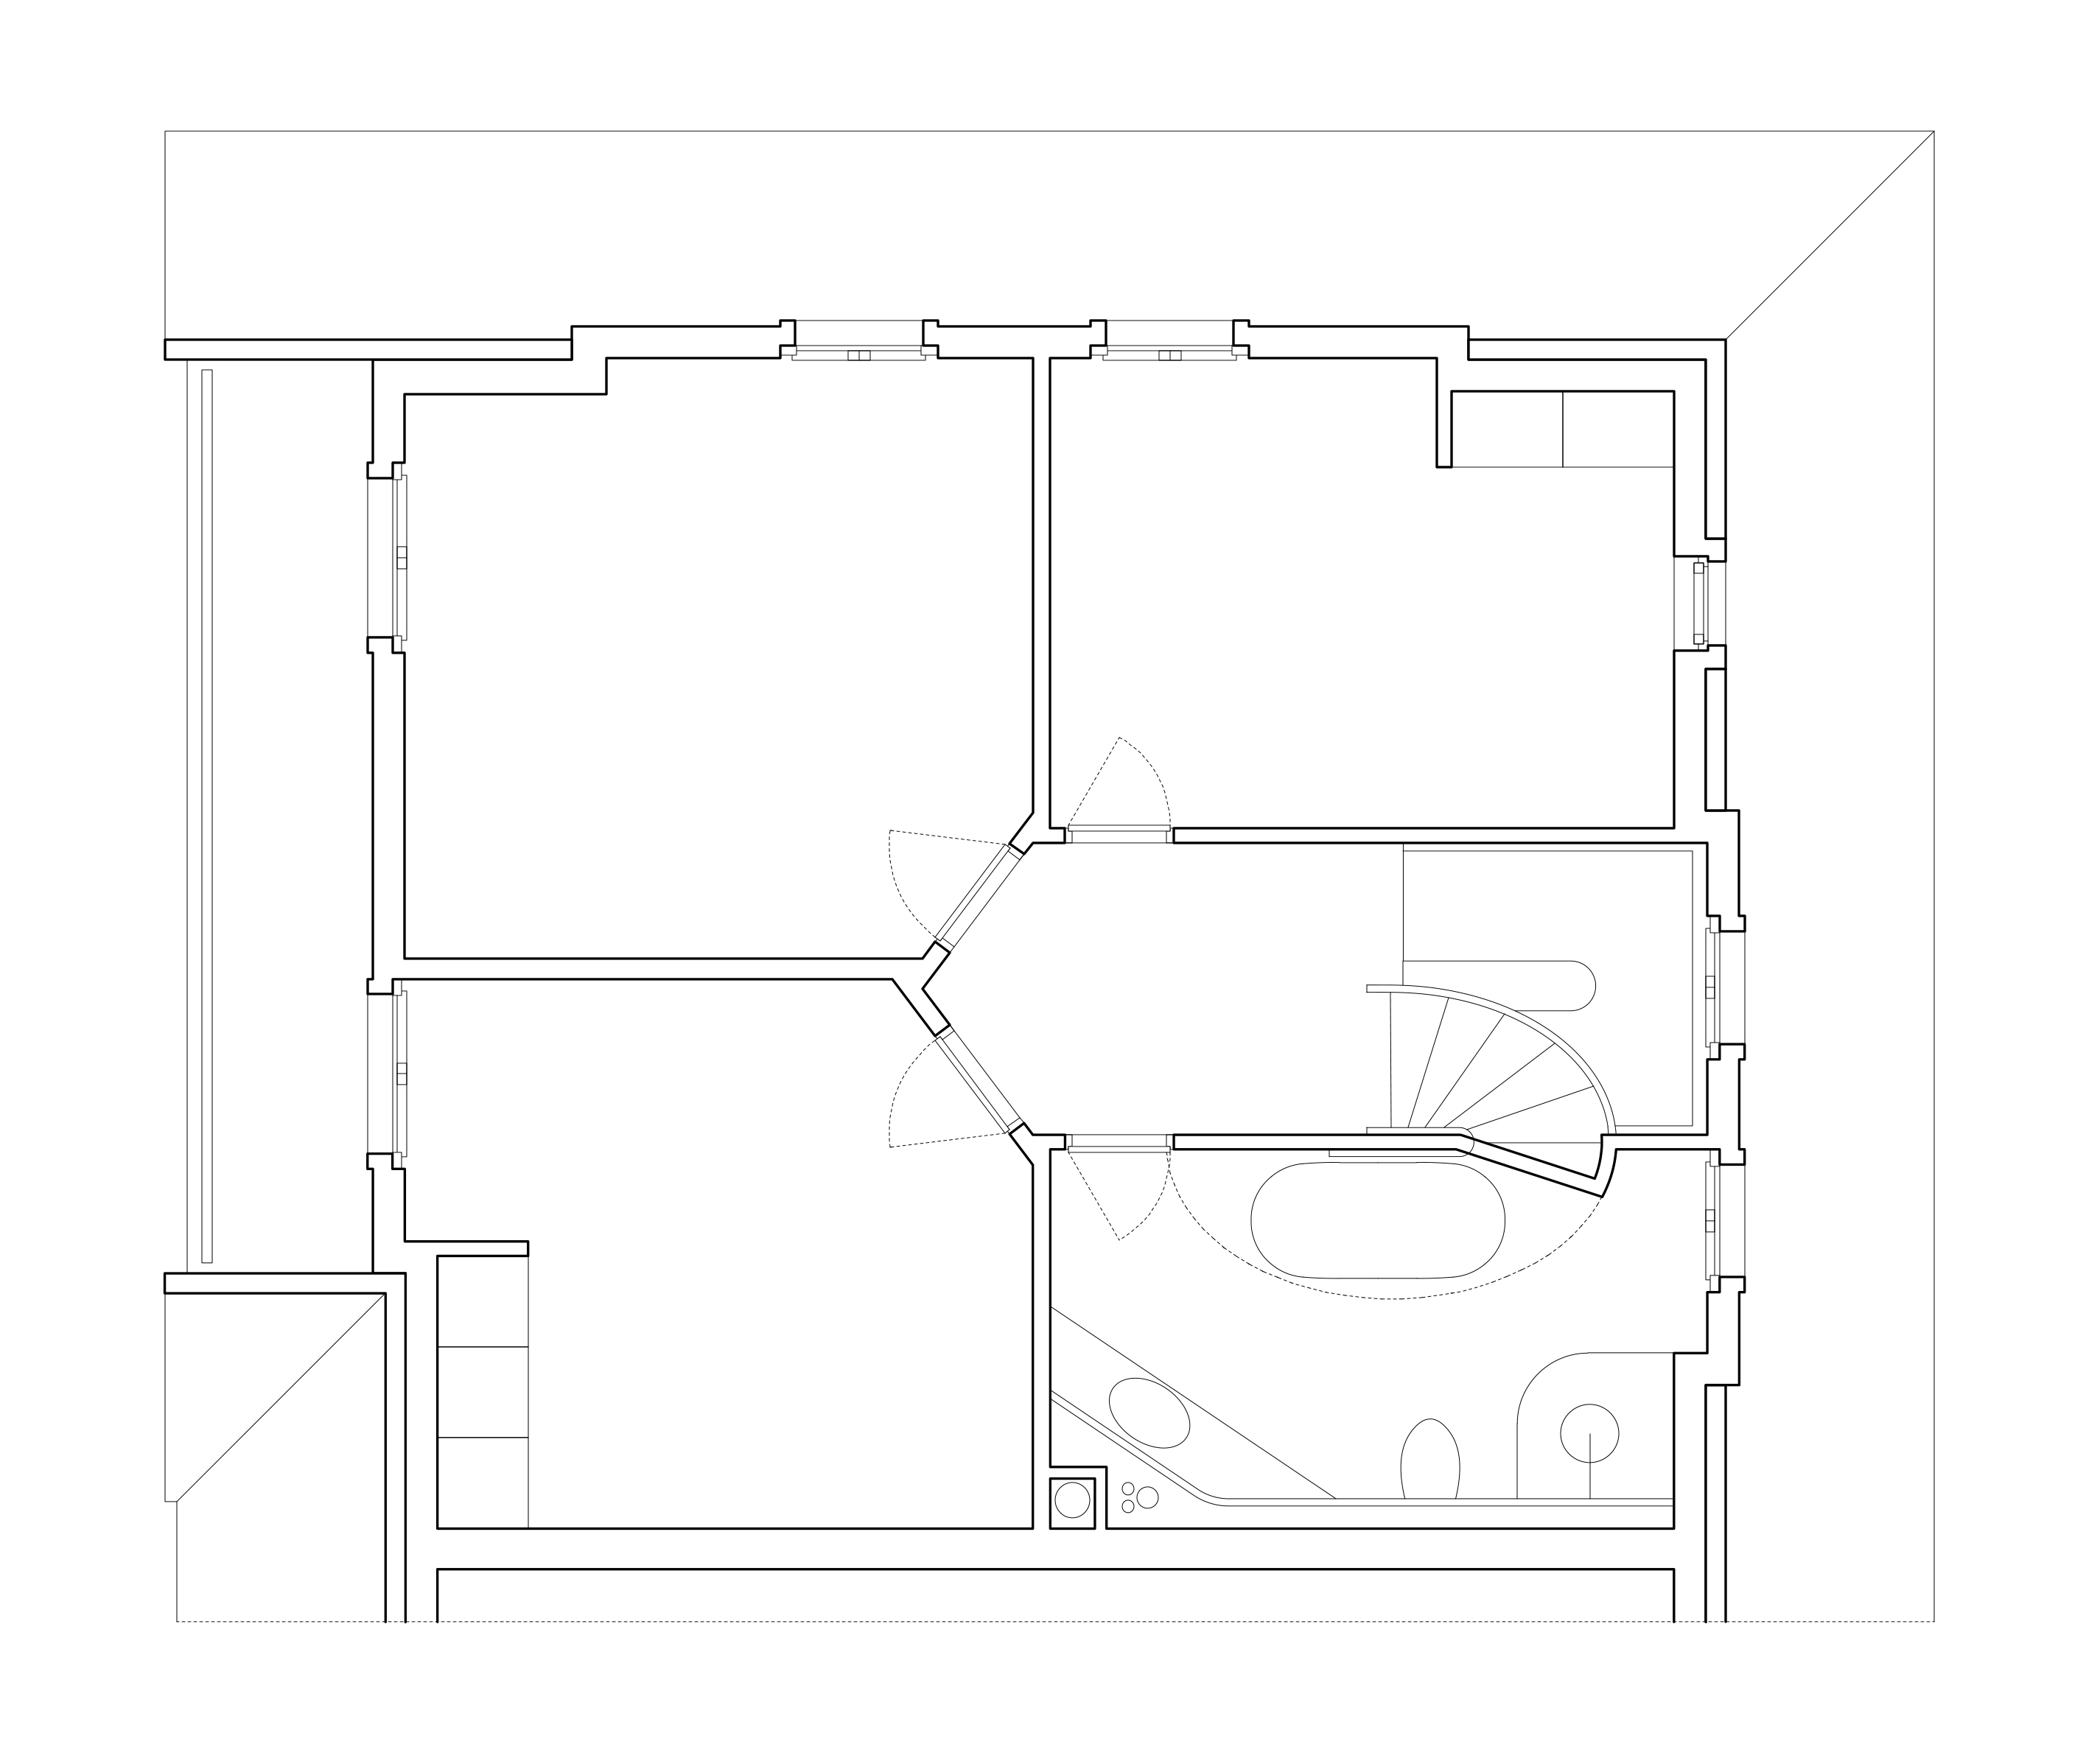 Die neue Verteilung der Zimmer bewirkt eine klare Erschliessungsfigur